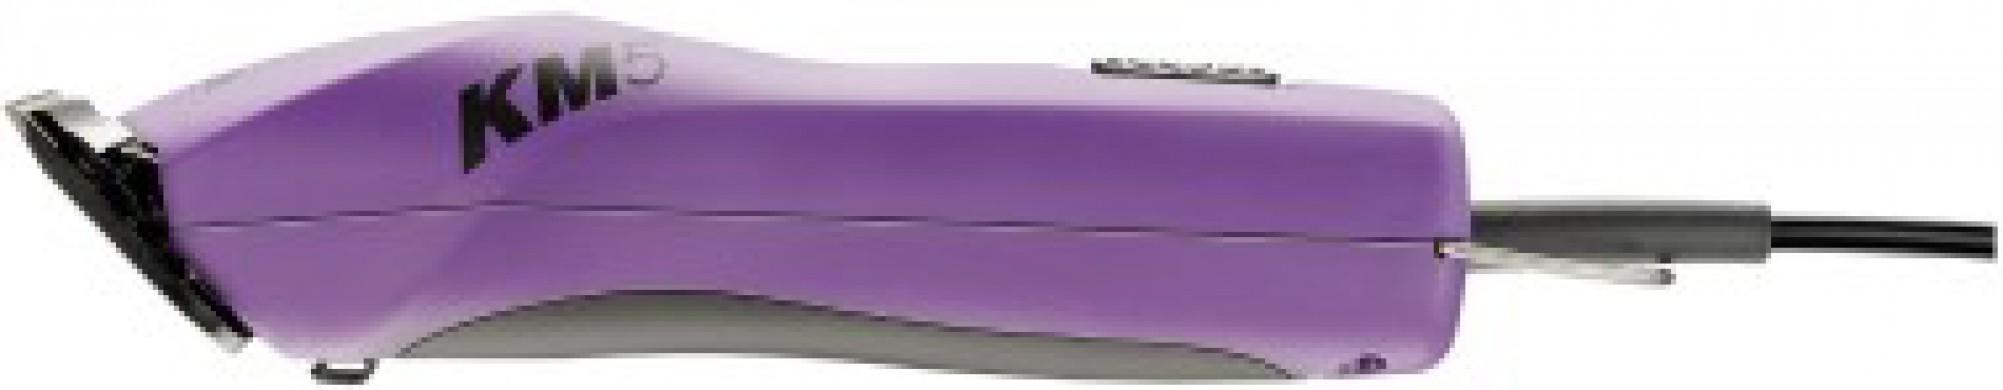 Машинка для стрижки Moser со съемным ножом Wahl КМ 5, 2 скорости